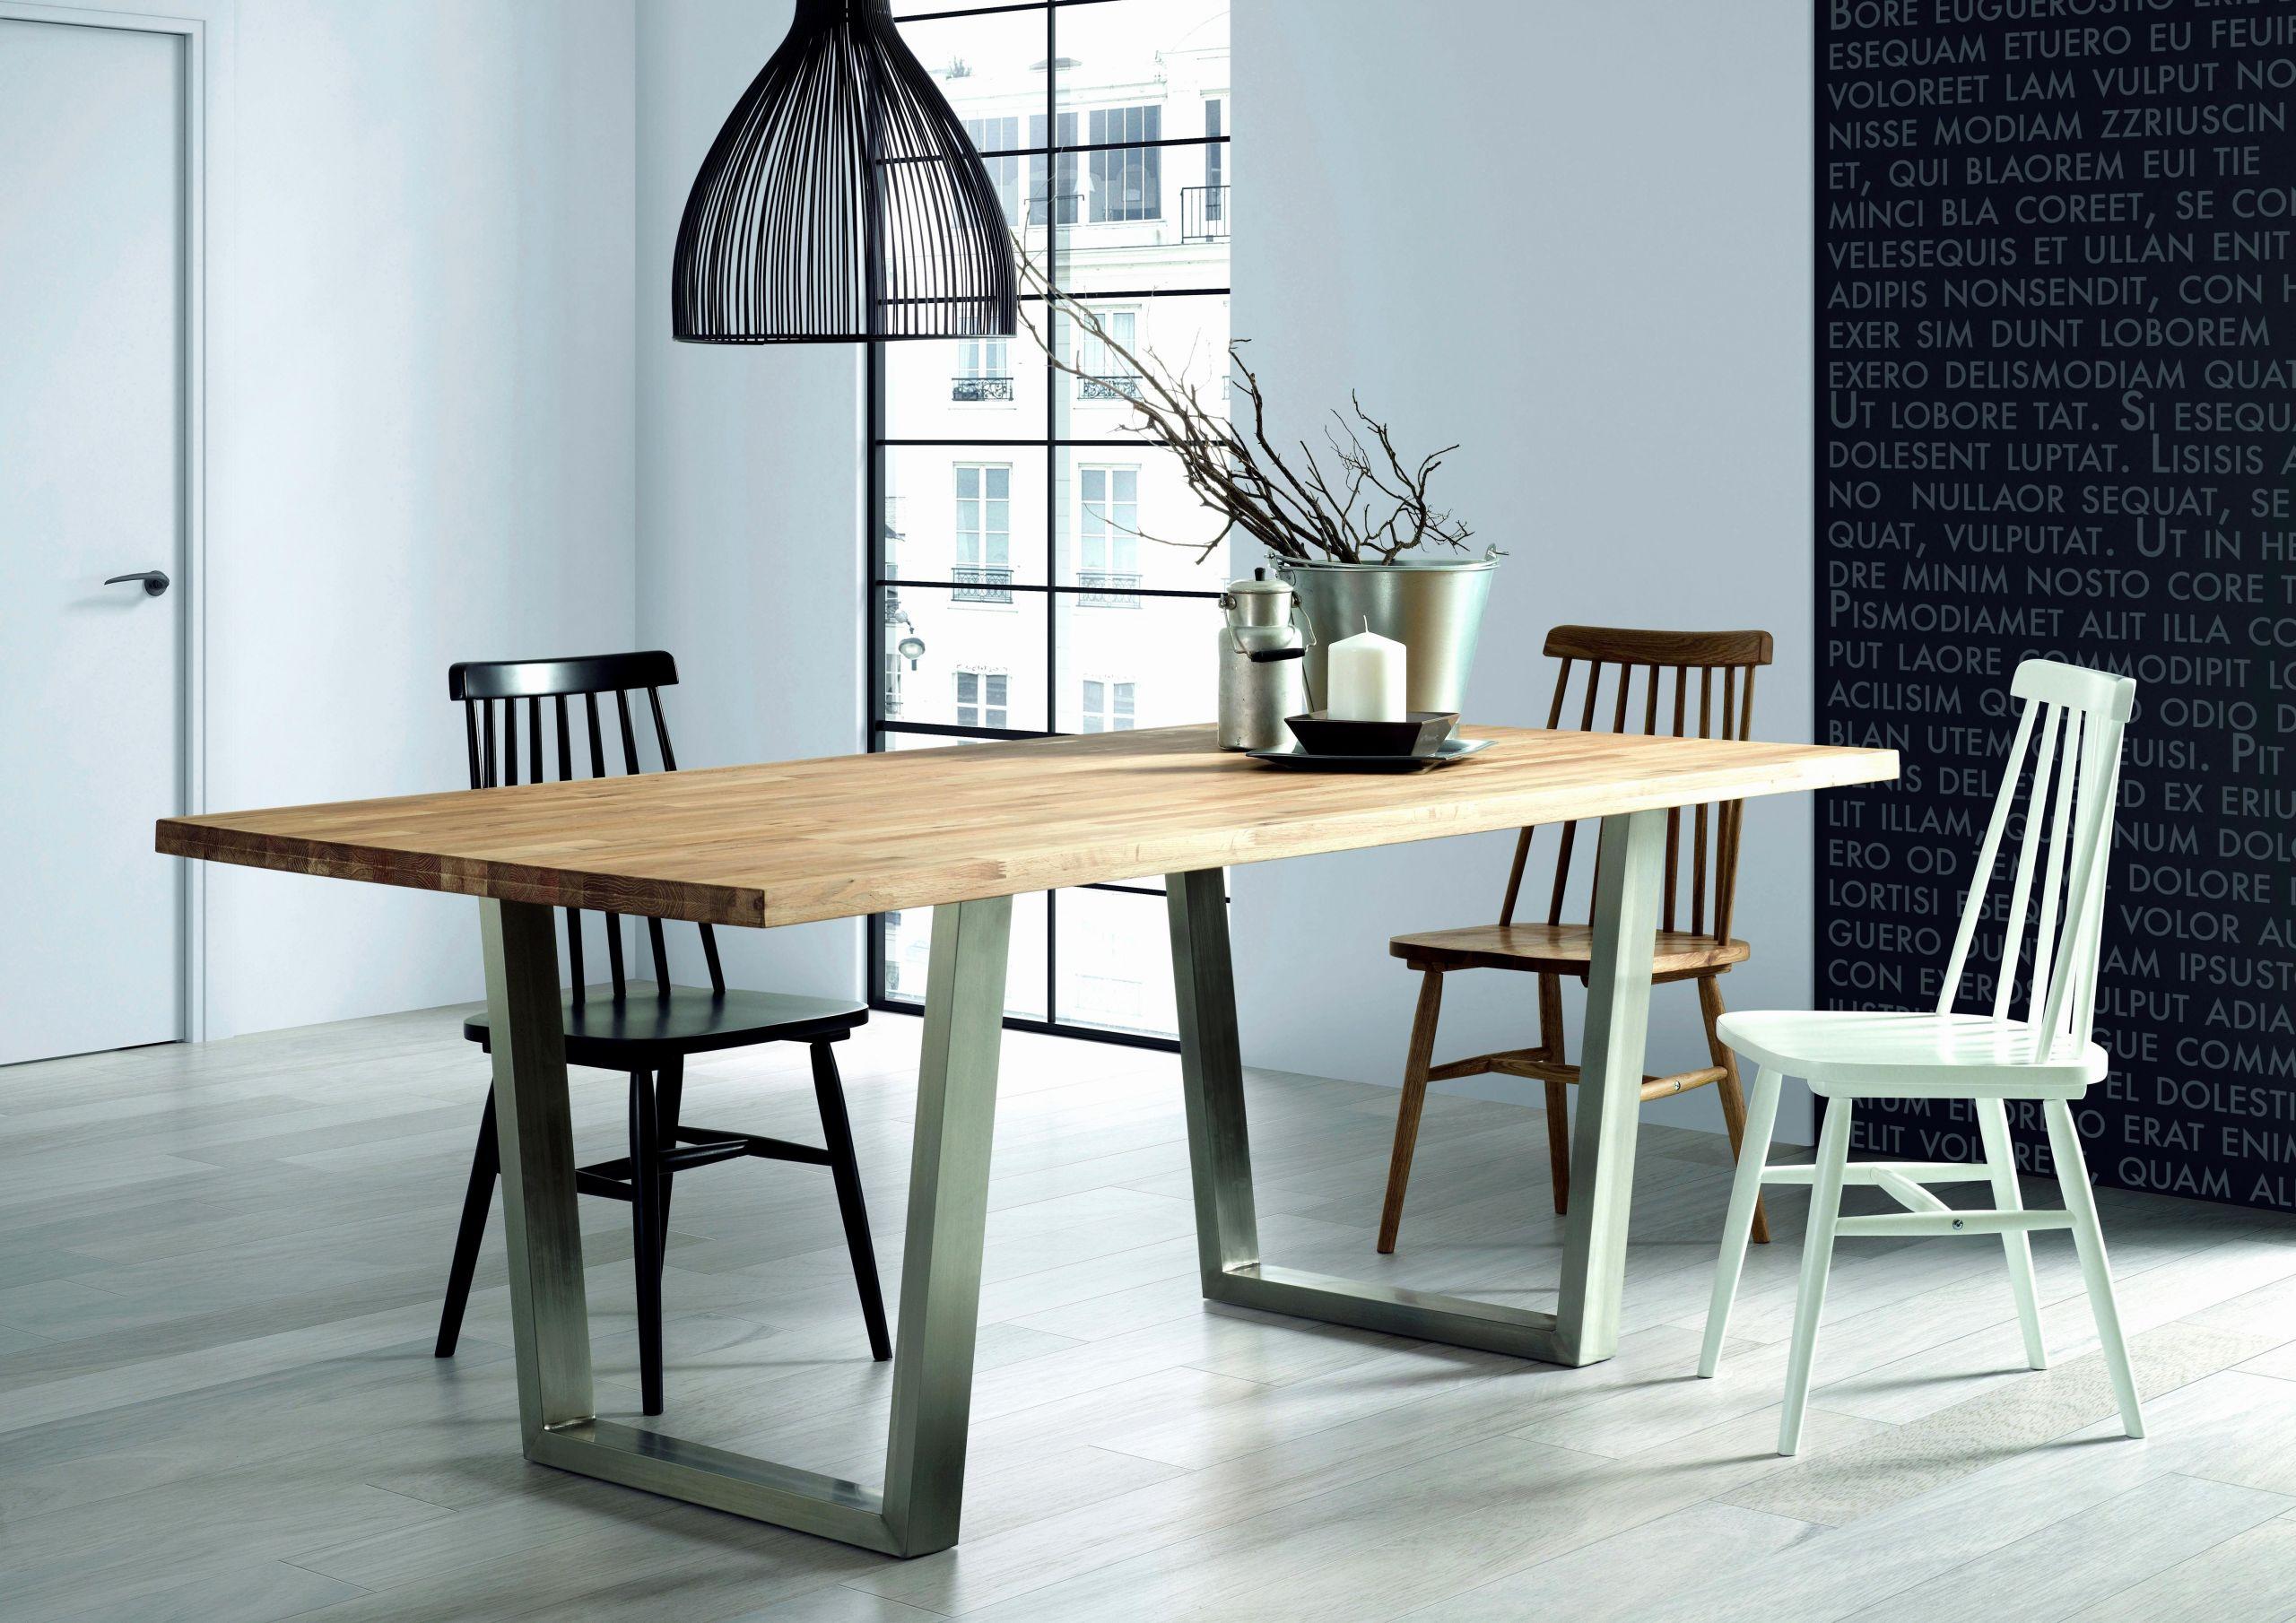 bureau leclerc meuble leclerc meubles nantes leclerc meuble basse goulaine fauteuils of bureau leclerc meuble